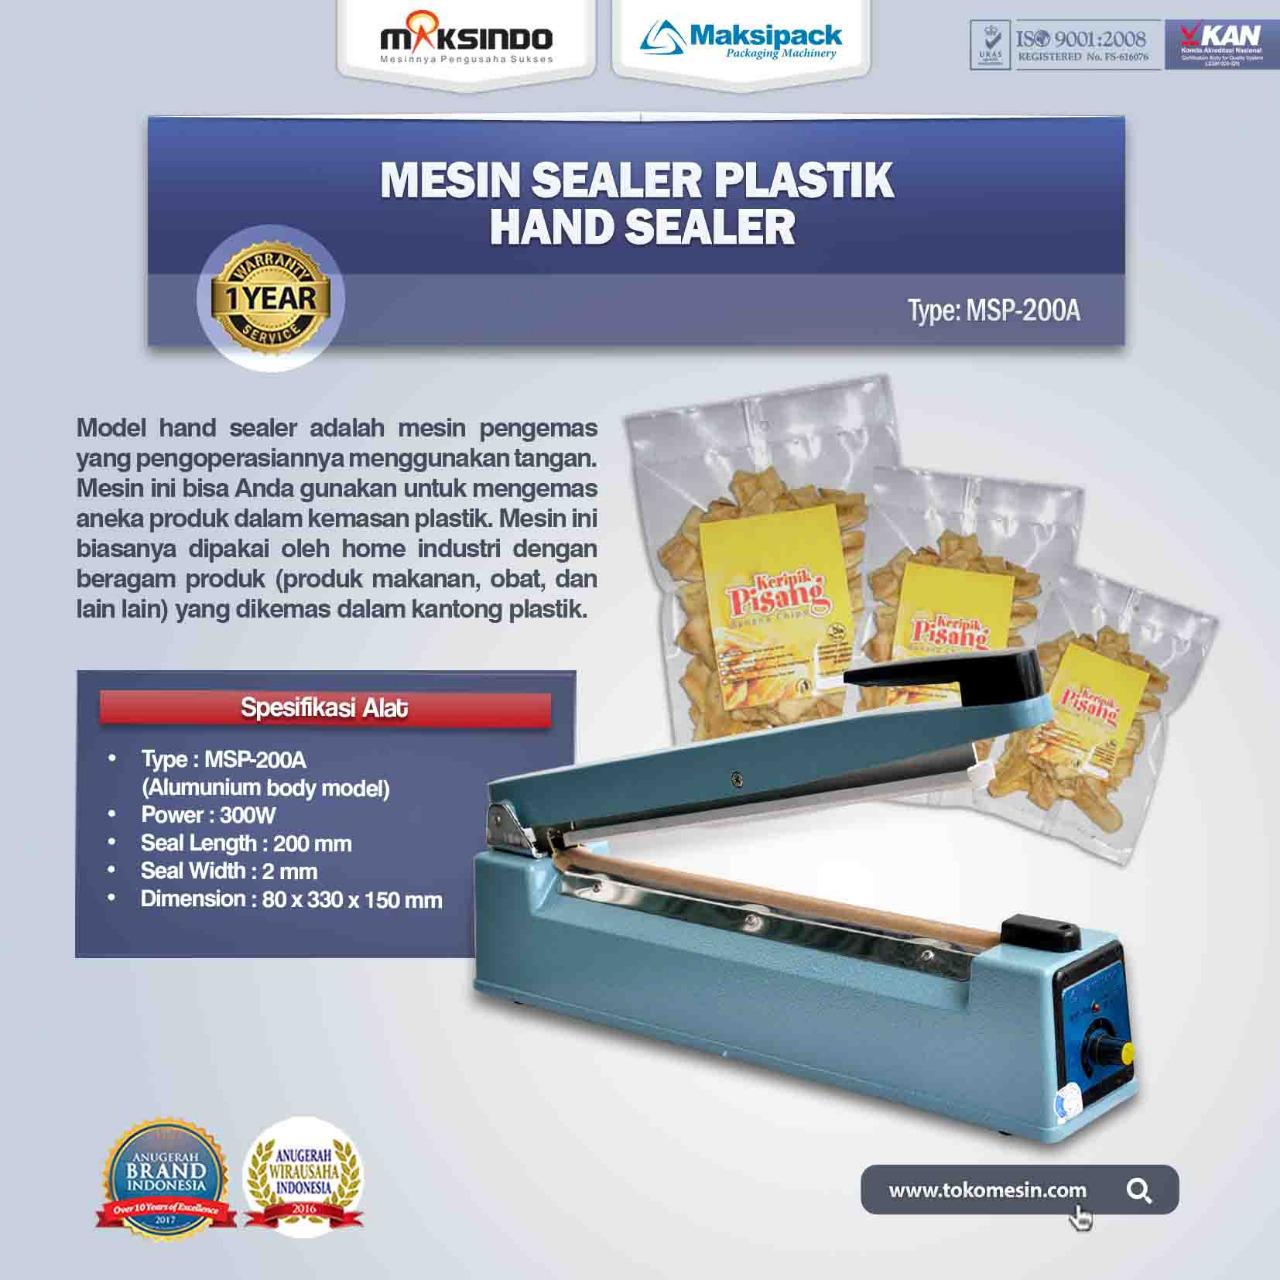 Jual Mesin Sealer Plastik Hand Sealer (MSP-200A) Di Bekasi